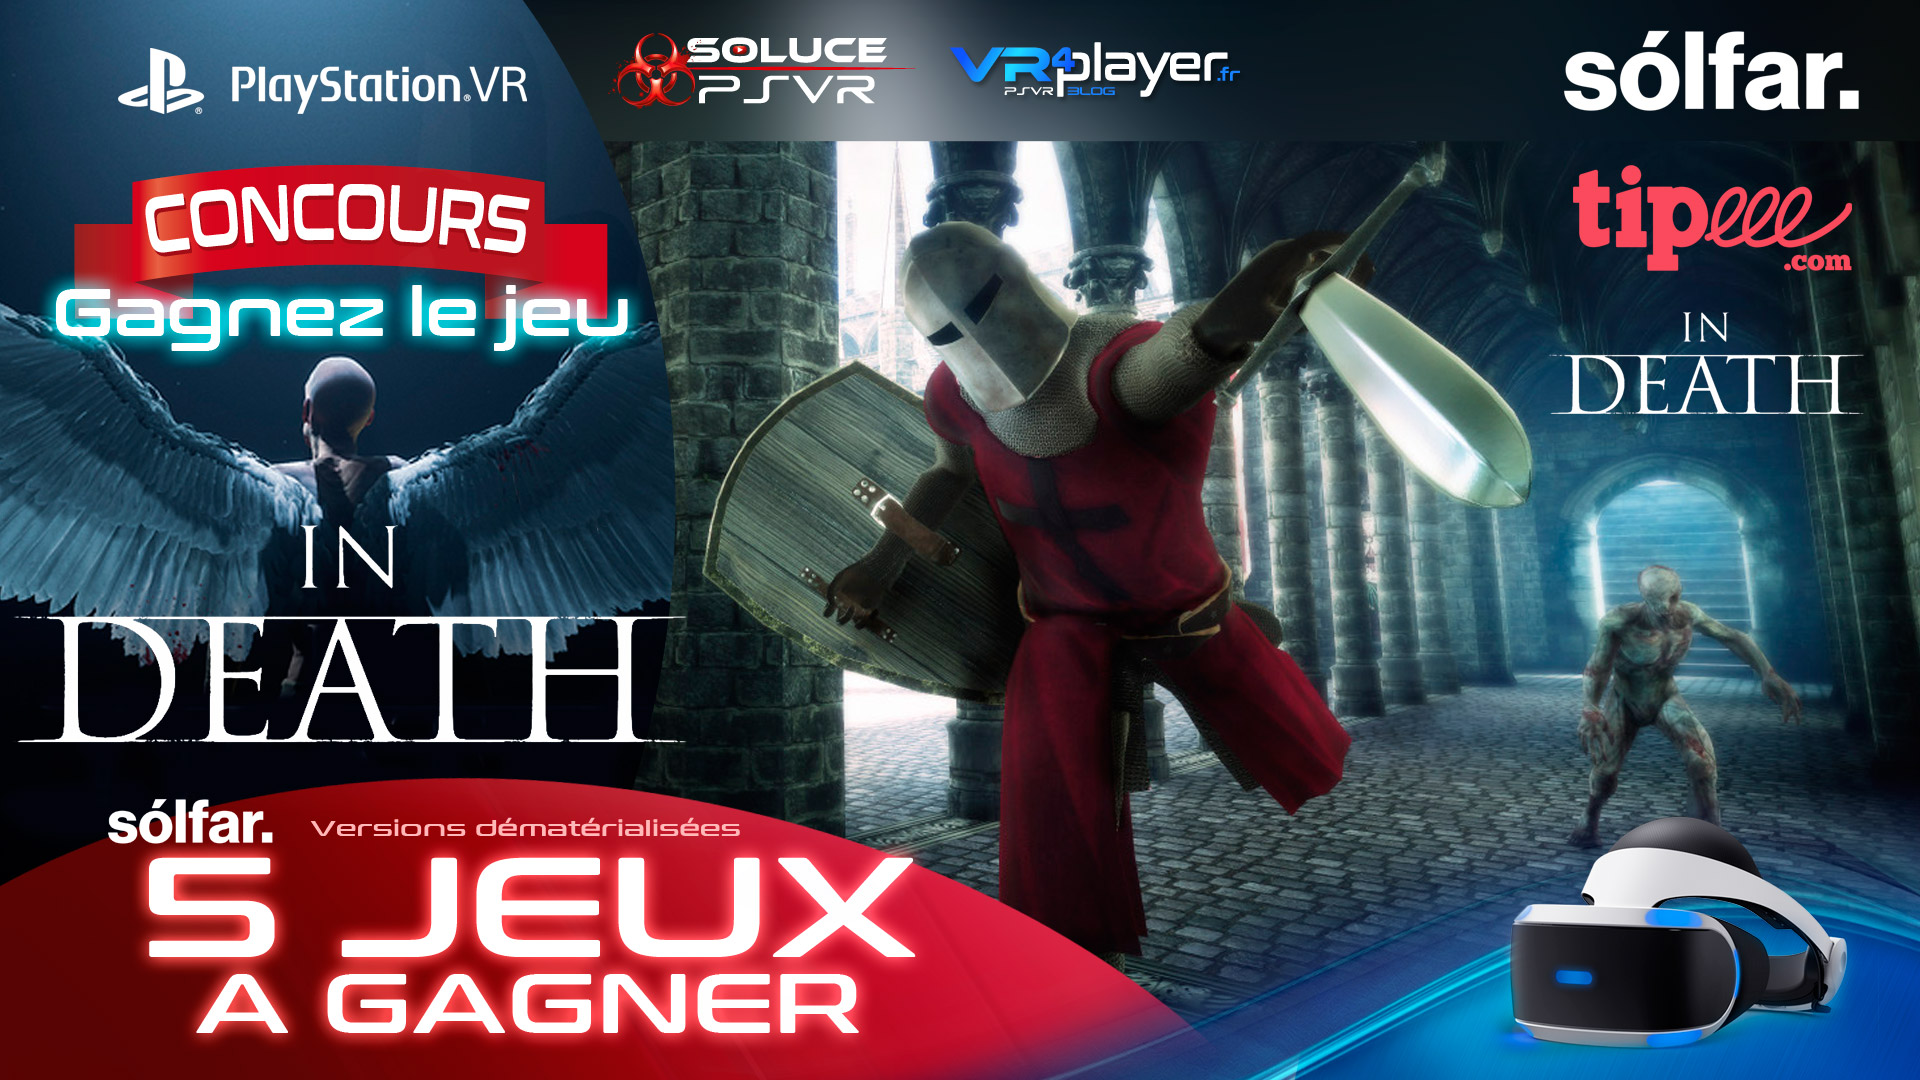 PlayStation VR : Concours In Death Solfar Studio, 5 jeux à gagner VR4Player